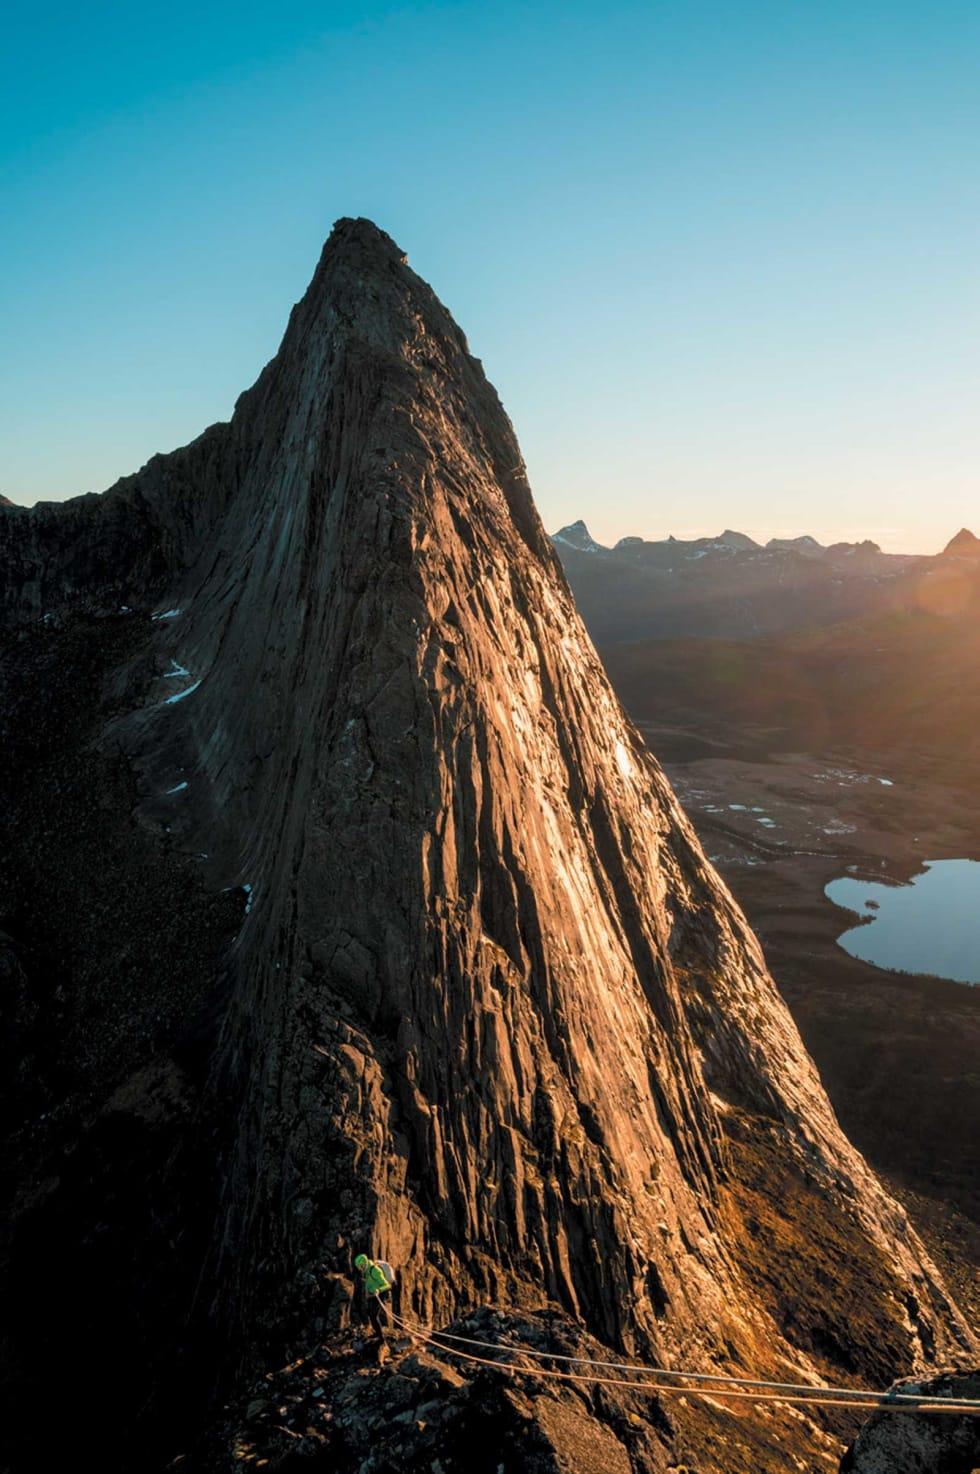 KOMPAKT SAK: Soloppgang/solnedgang over Stråndåtind. Foto: Jarl Gåsvær